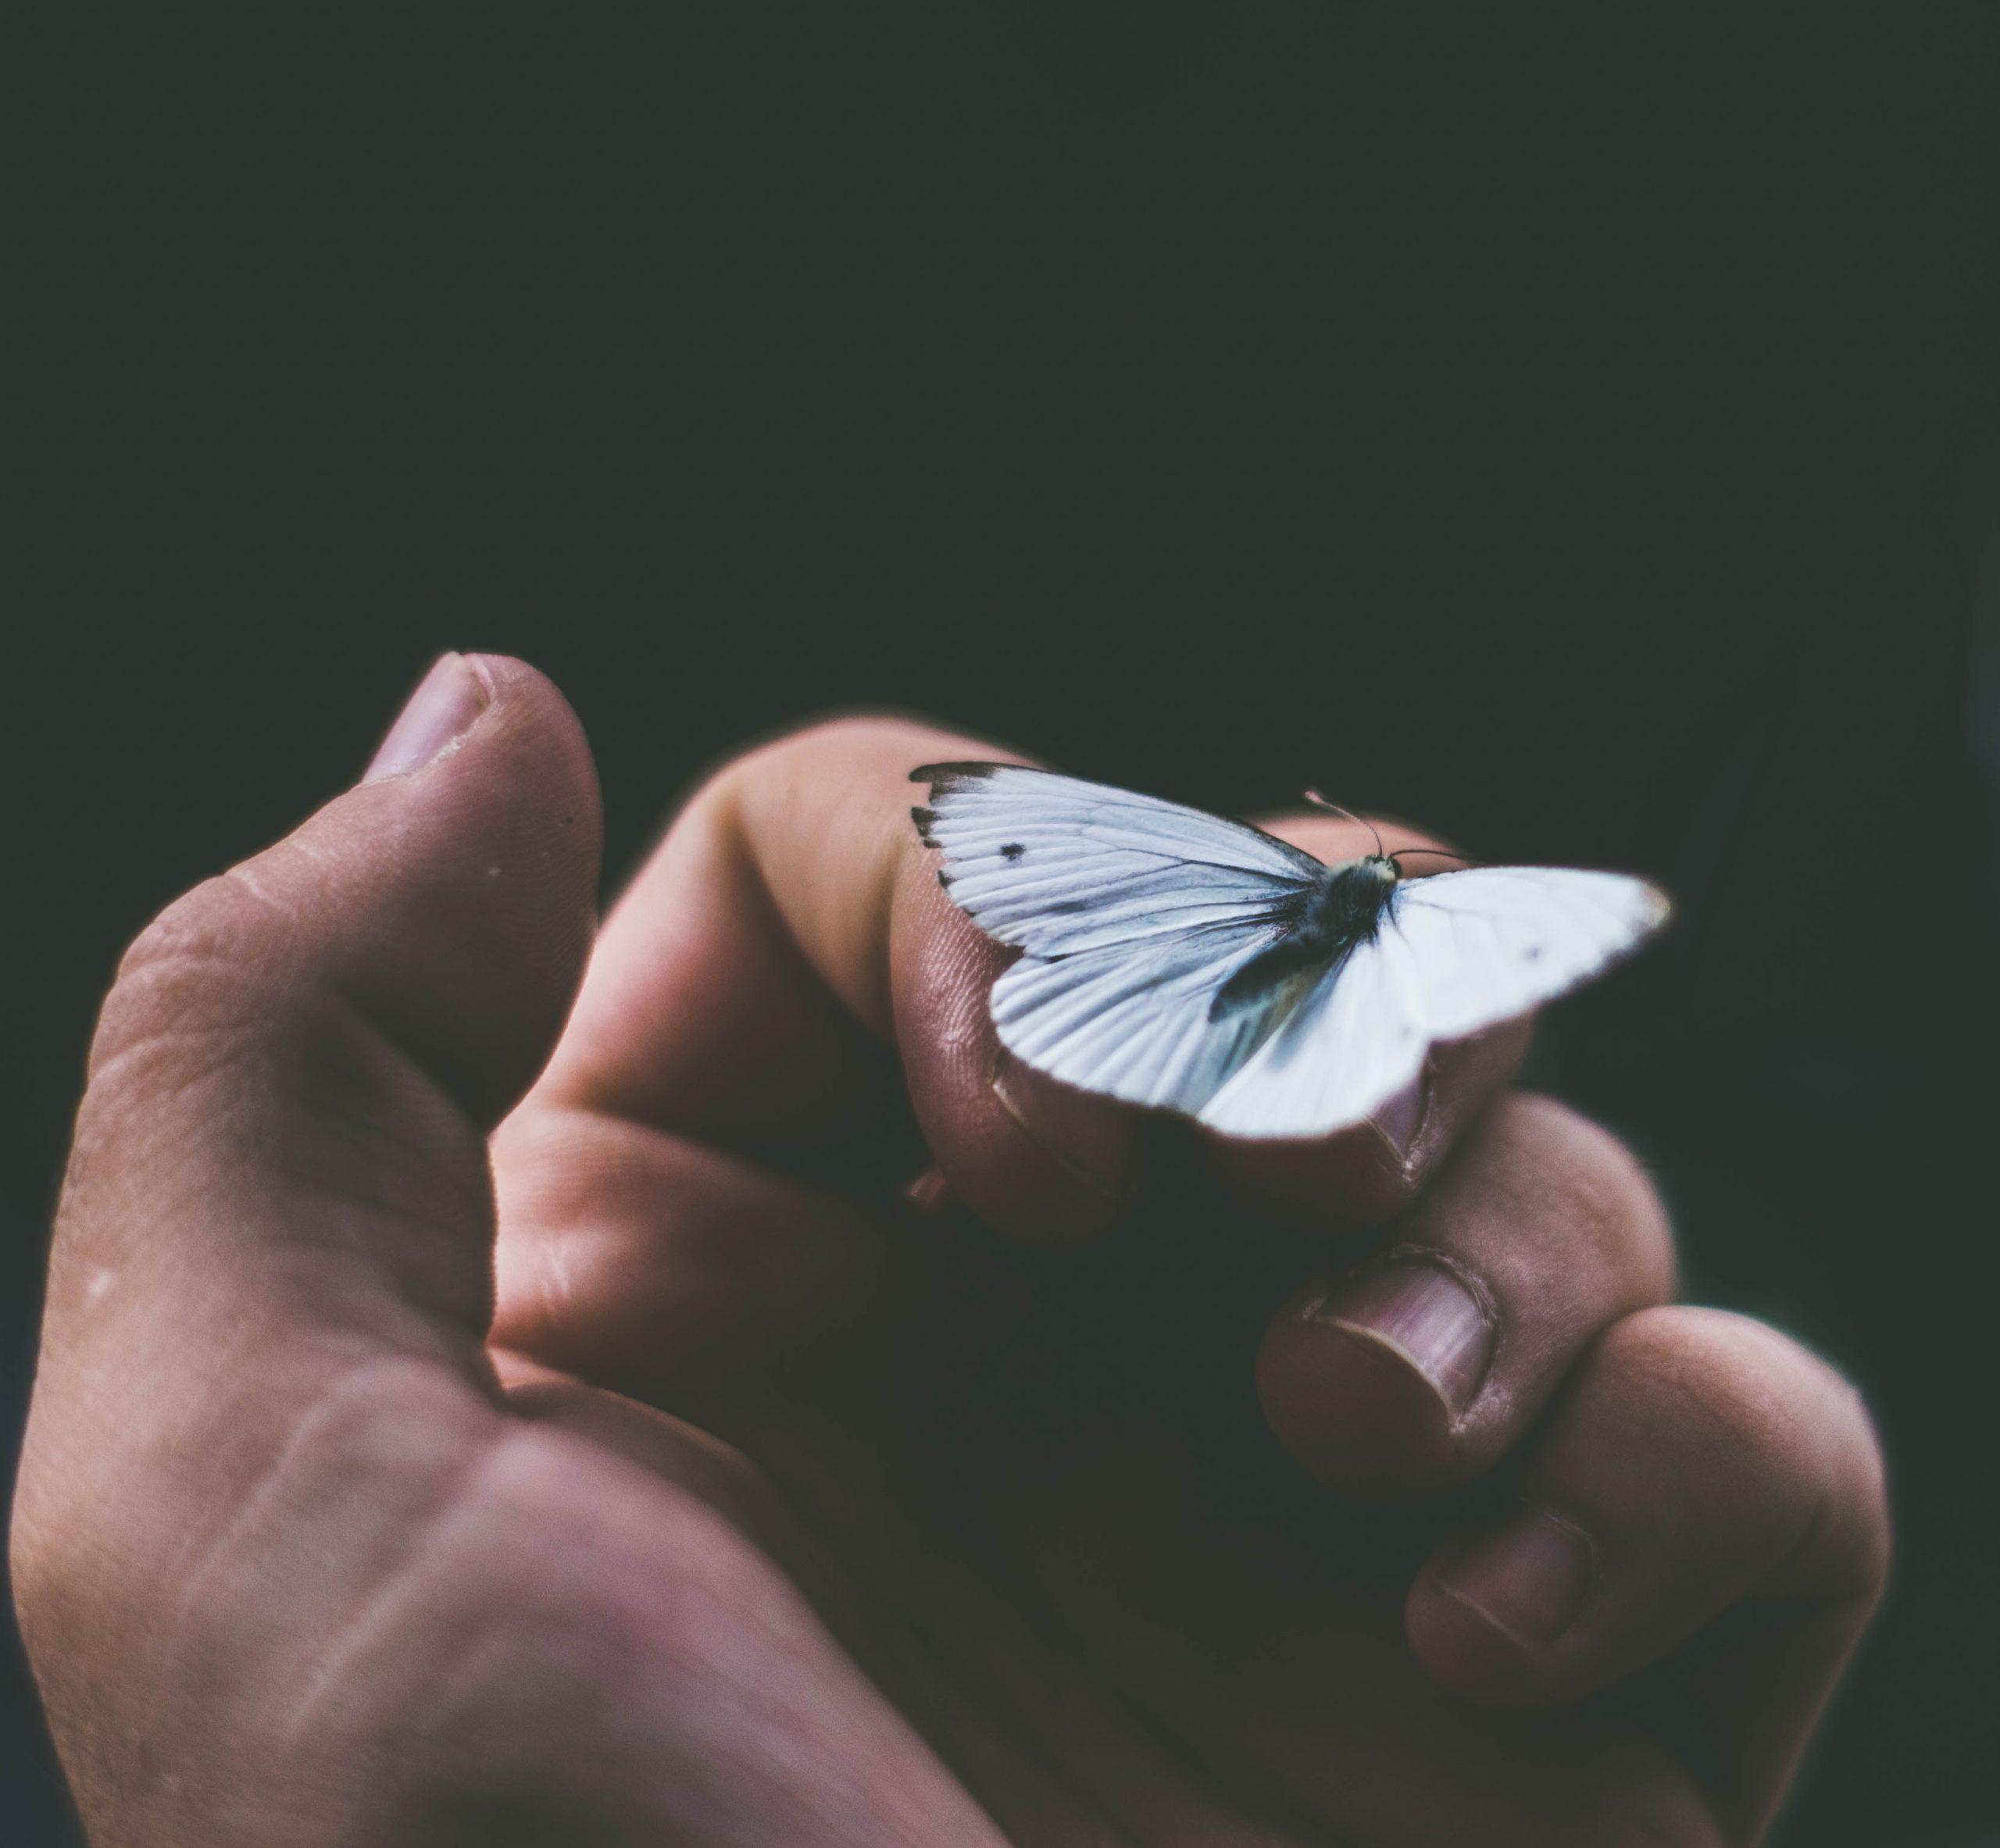 Mão fechada com borboleta entre os dedos.